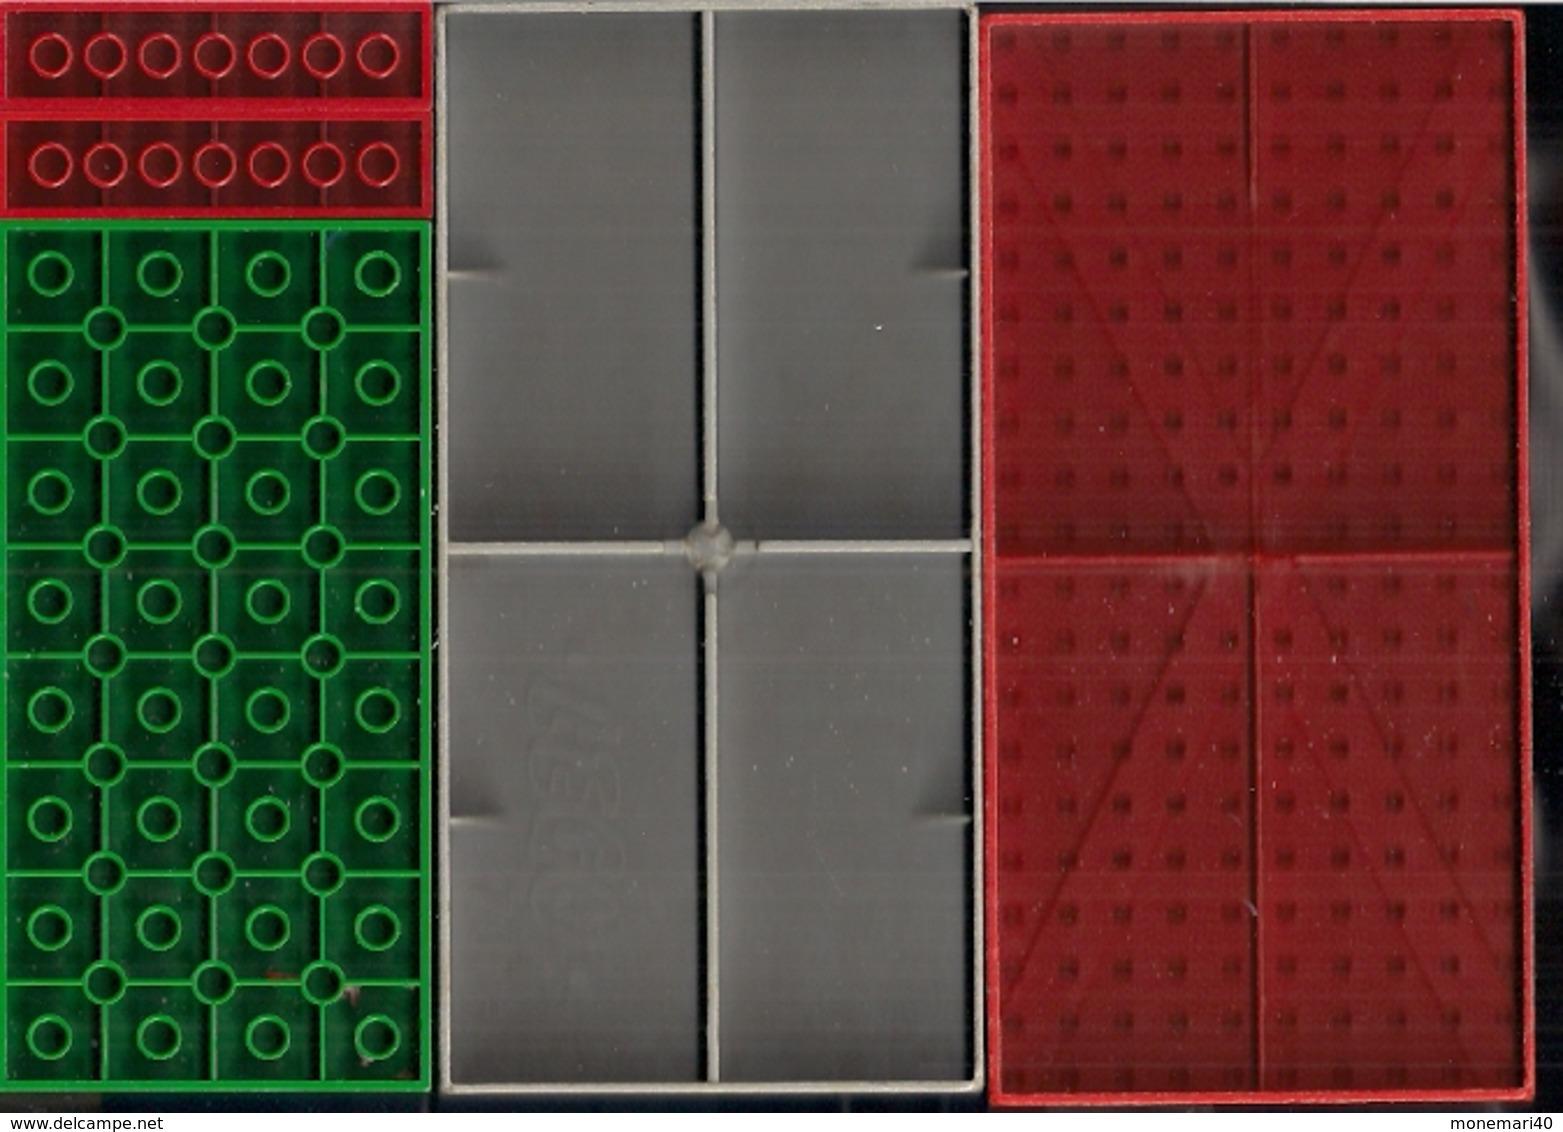 LEGO CLASSIC LOT DE 4 PLAQUETTES 2 De 160 Mm Sur 80 Mm.,1 De 128 Mm Sur 64 Et Une De 63 Mm Sur 32 & DIFFÉRENTES BRIQUES - Lego